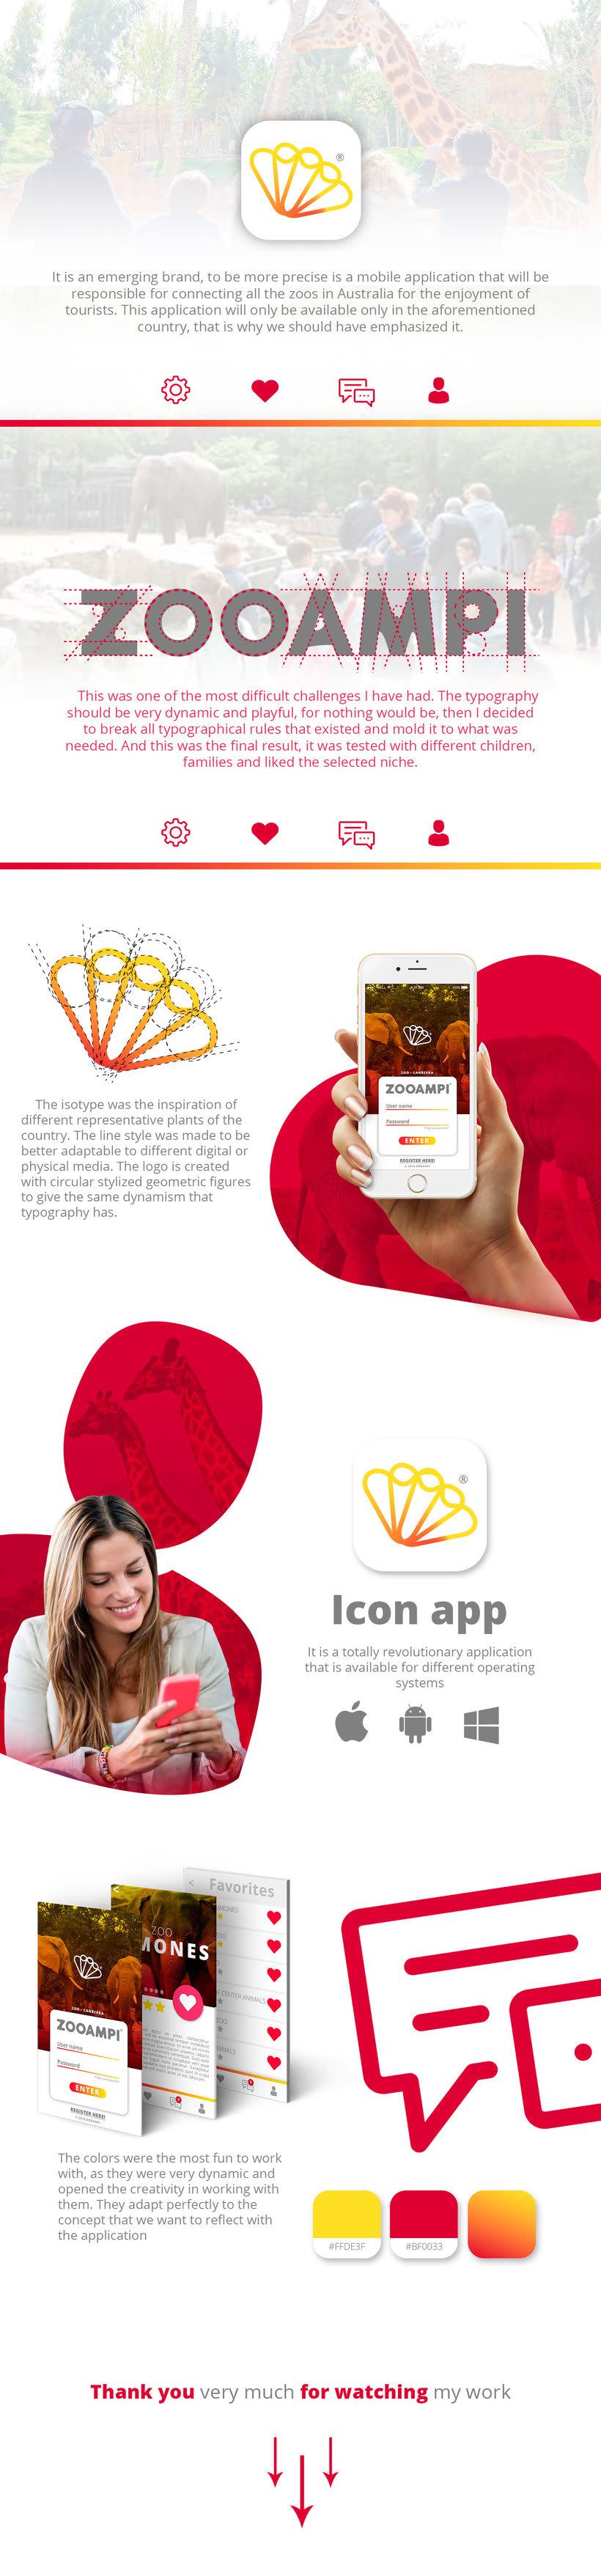 ZOOAMPI | Diseño de marca. -1